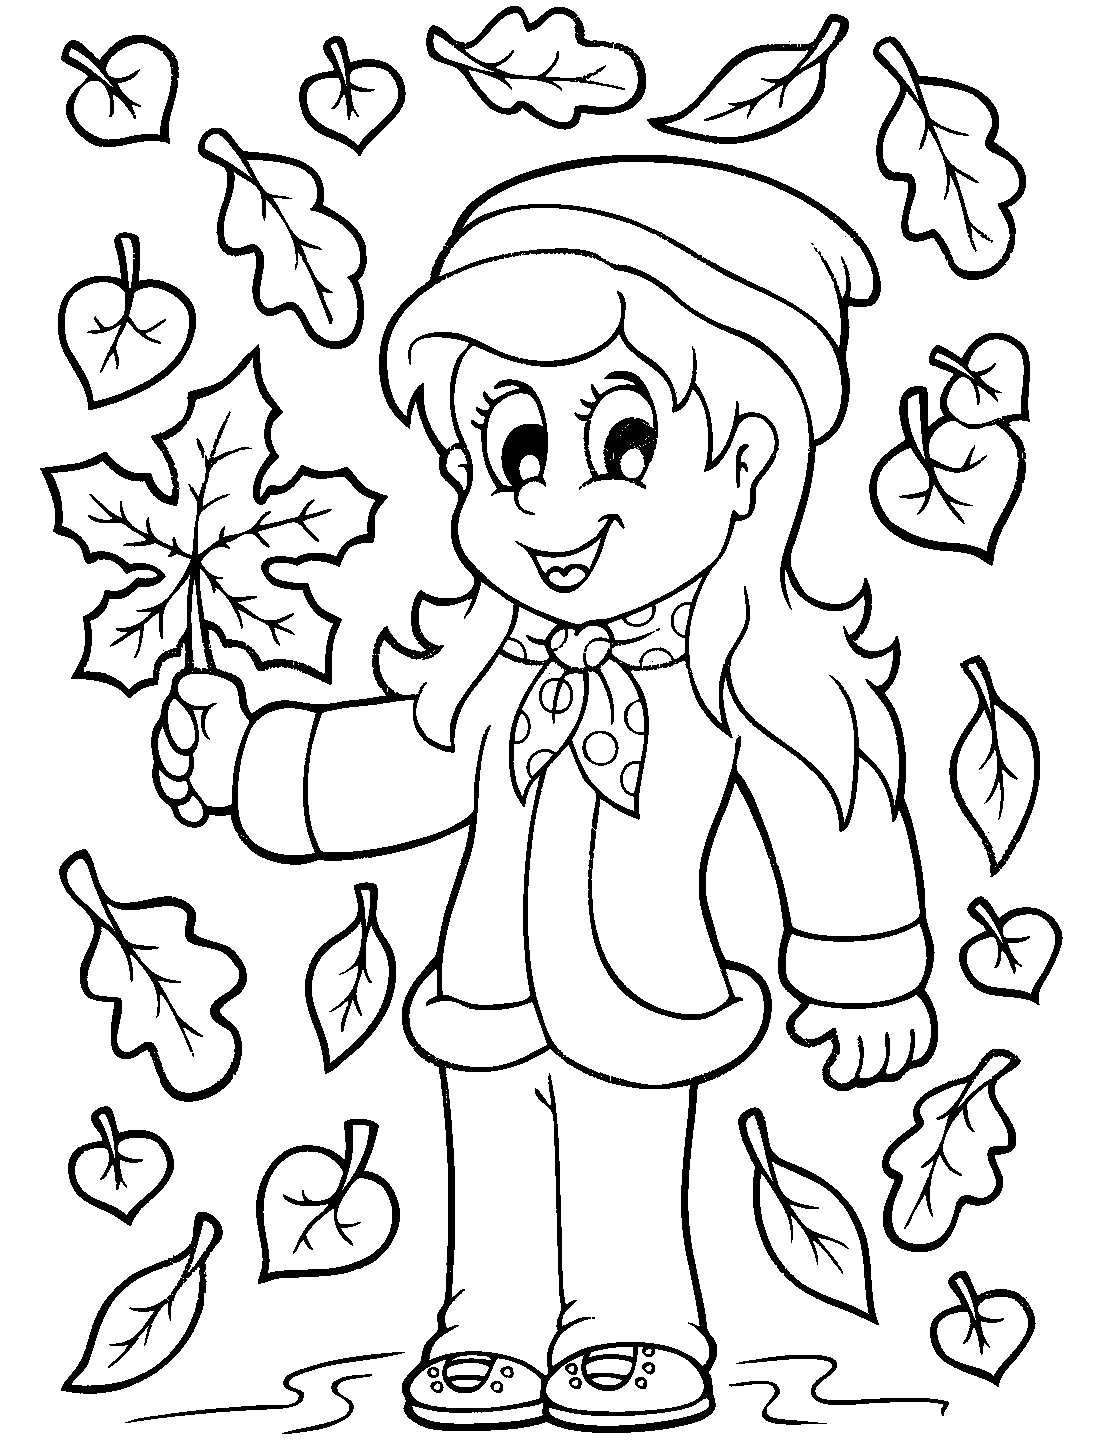 Девочка с листочками - раскраска №10159 | Printonic.ru